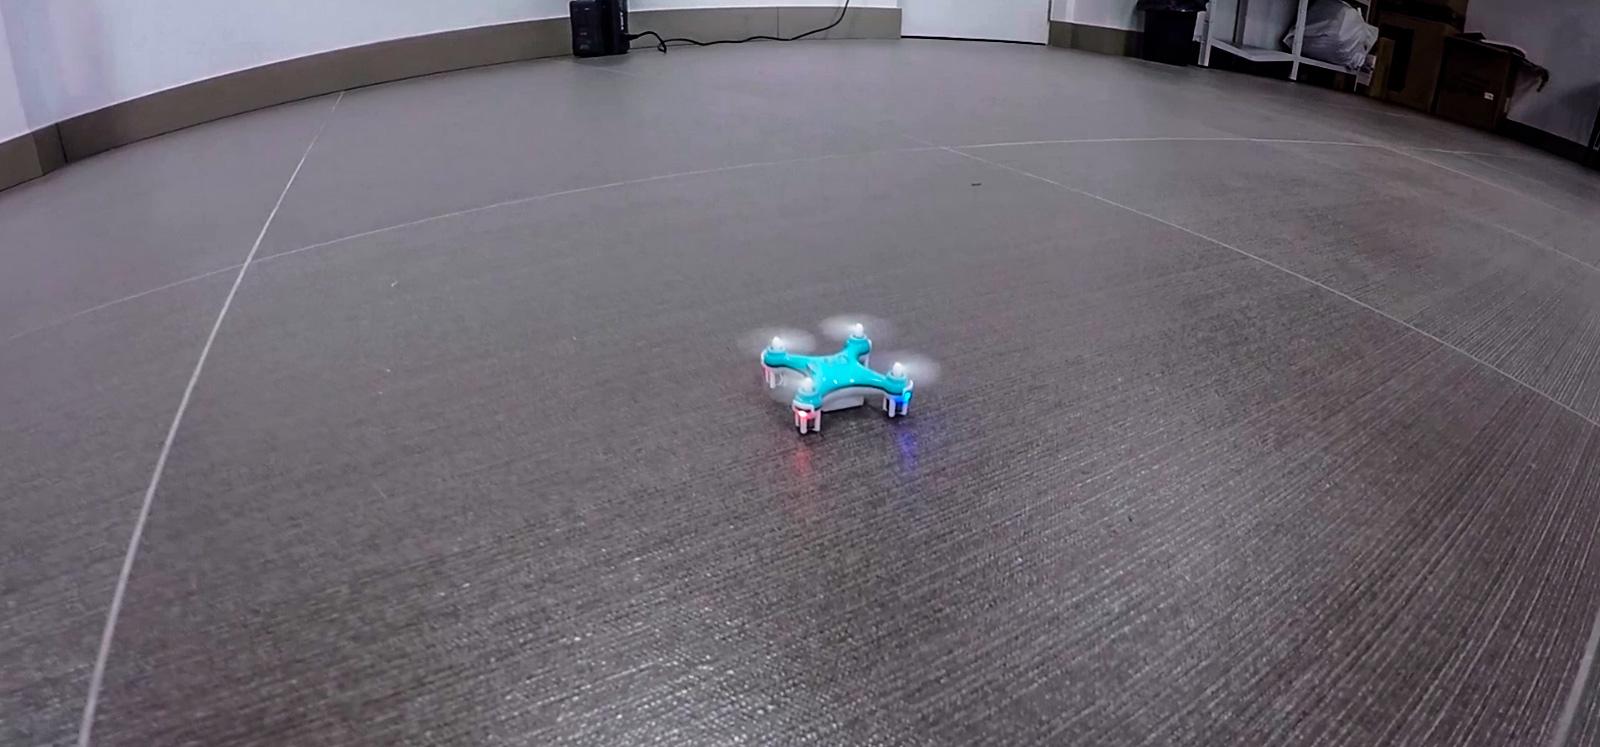 analisis-potencia-cheerson-cx10-comprar-drones-online